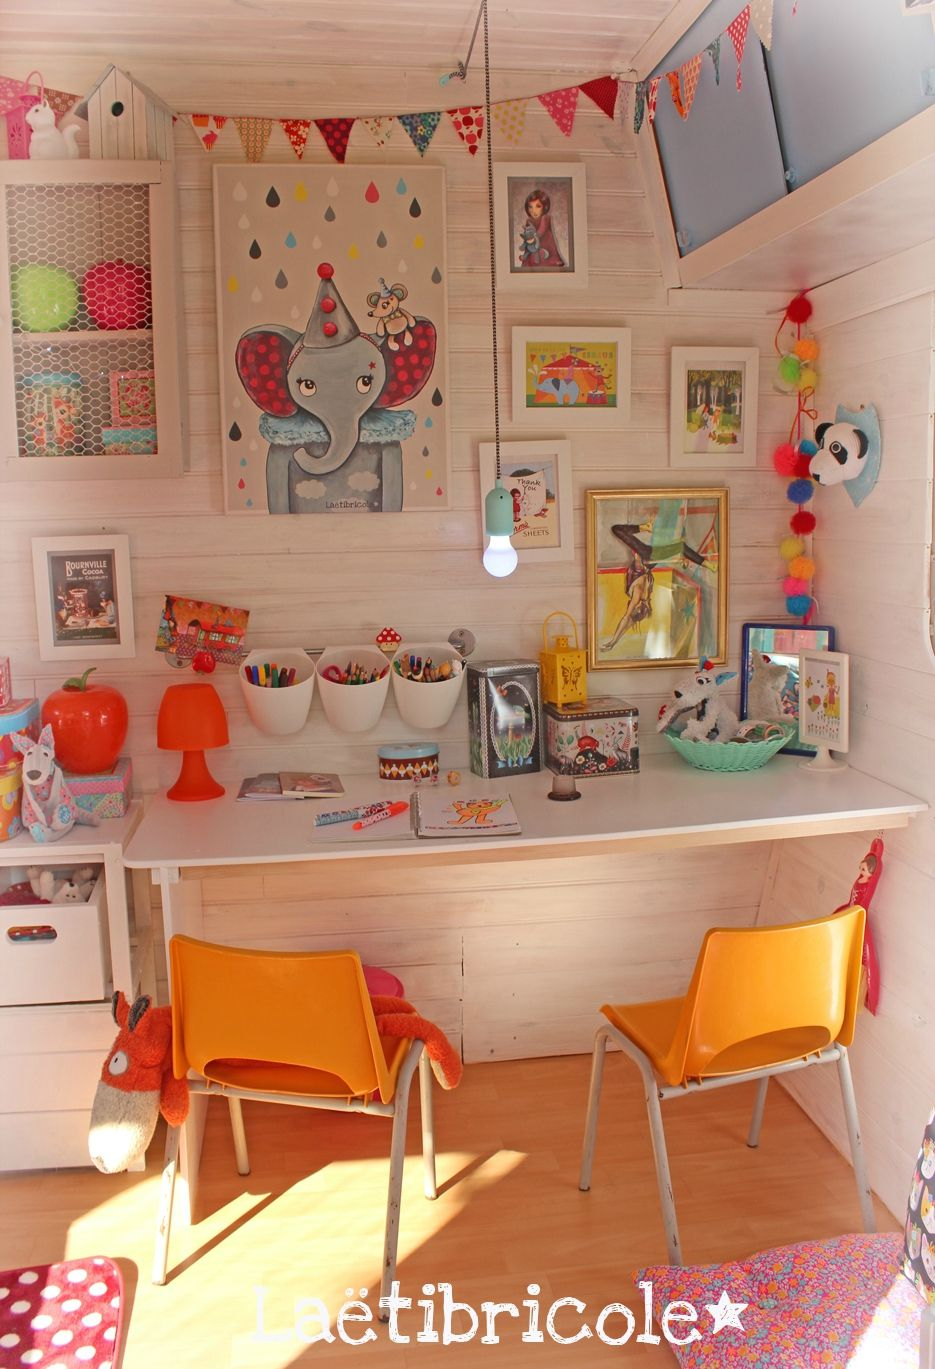 La vie de boh me laetibricole caravanes pinterest caravane cabane enfant et cabane - Chambre enfant pinterest ...